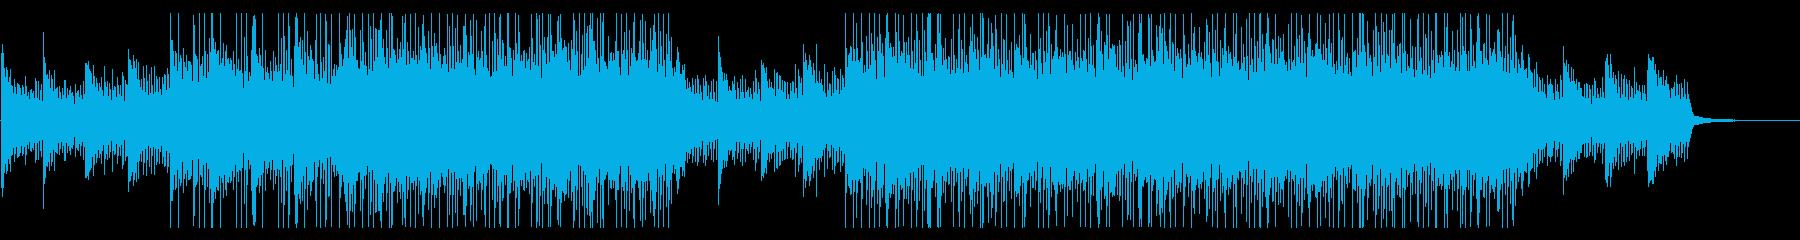 シリアスな雰囲気のチルアウト系EDMの再生済みの波形